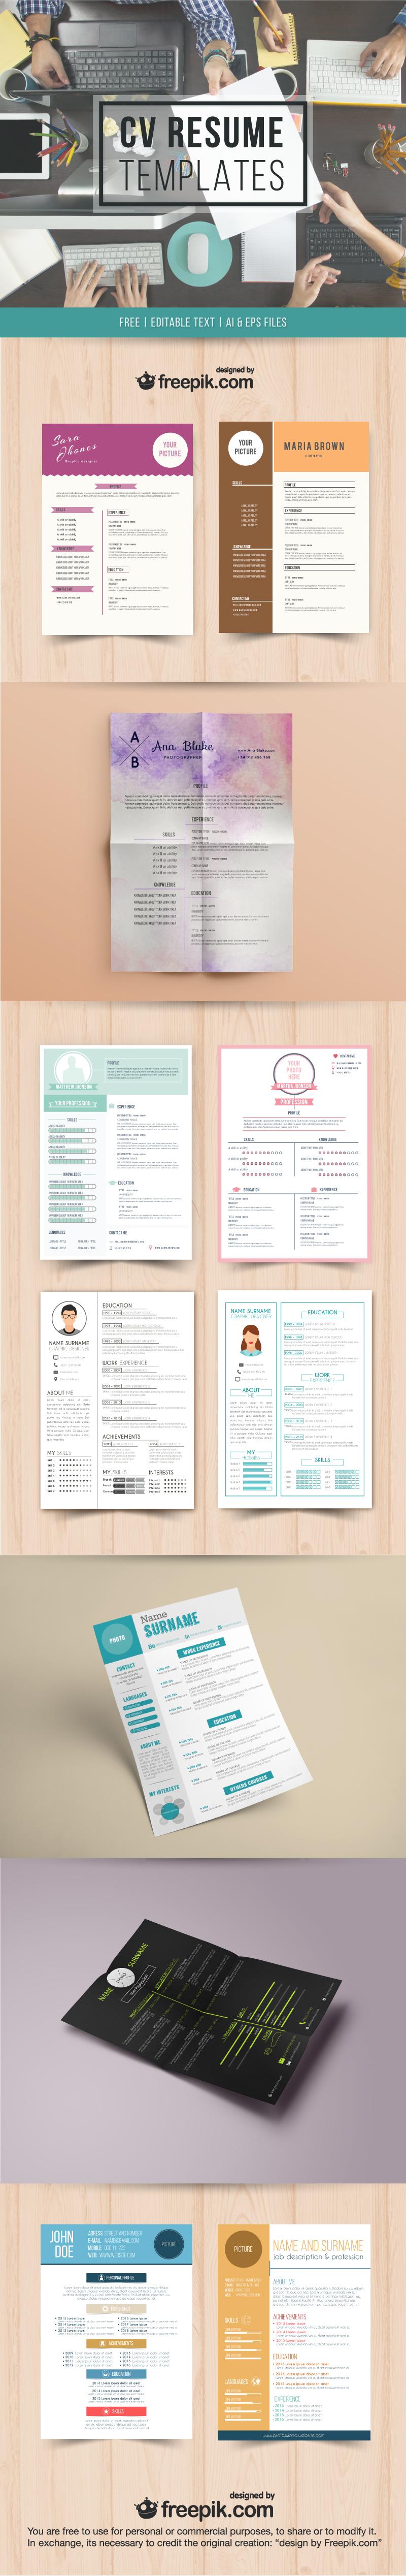 Cover CV Templates